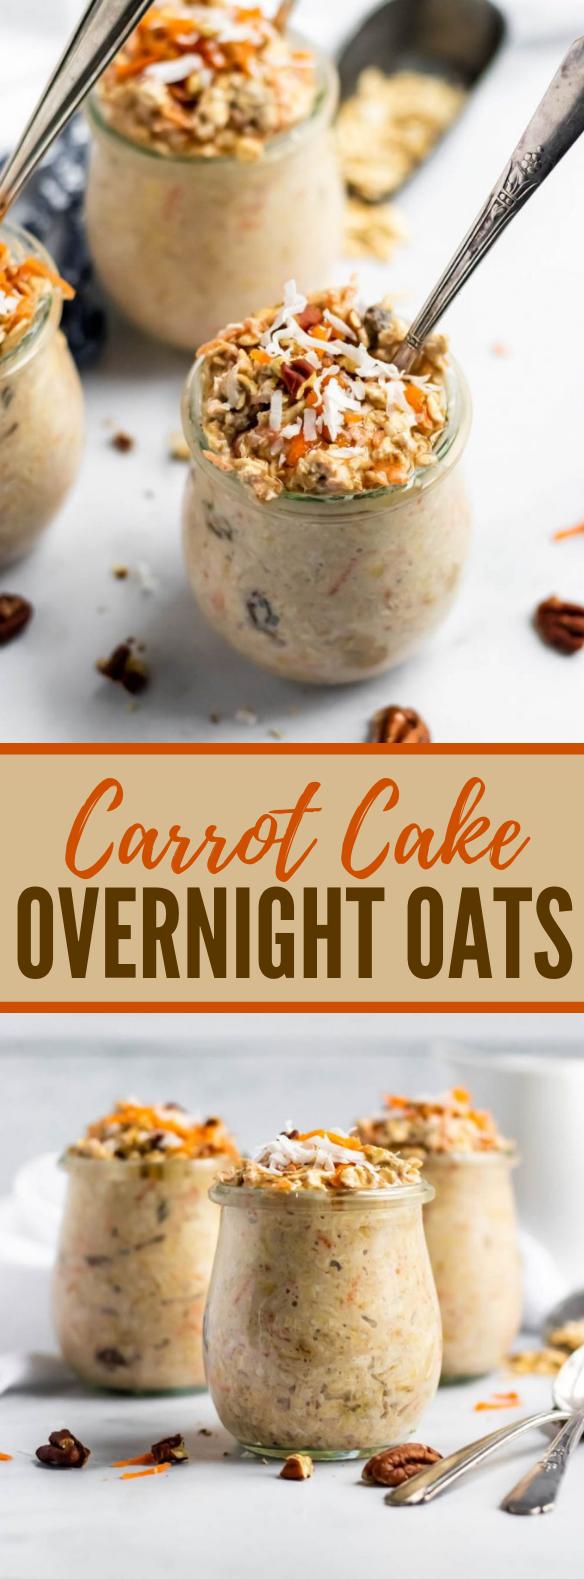 CARROT CAKE OVERNIGHT OATS #healthy #breakfast